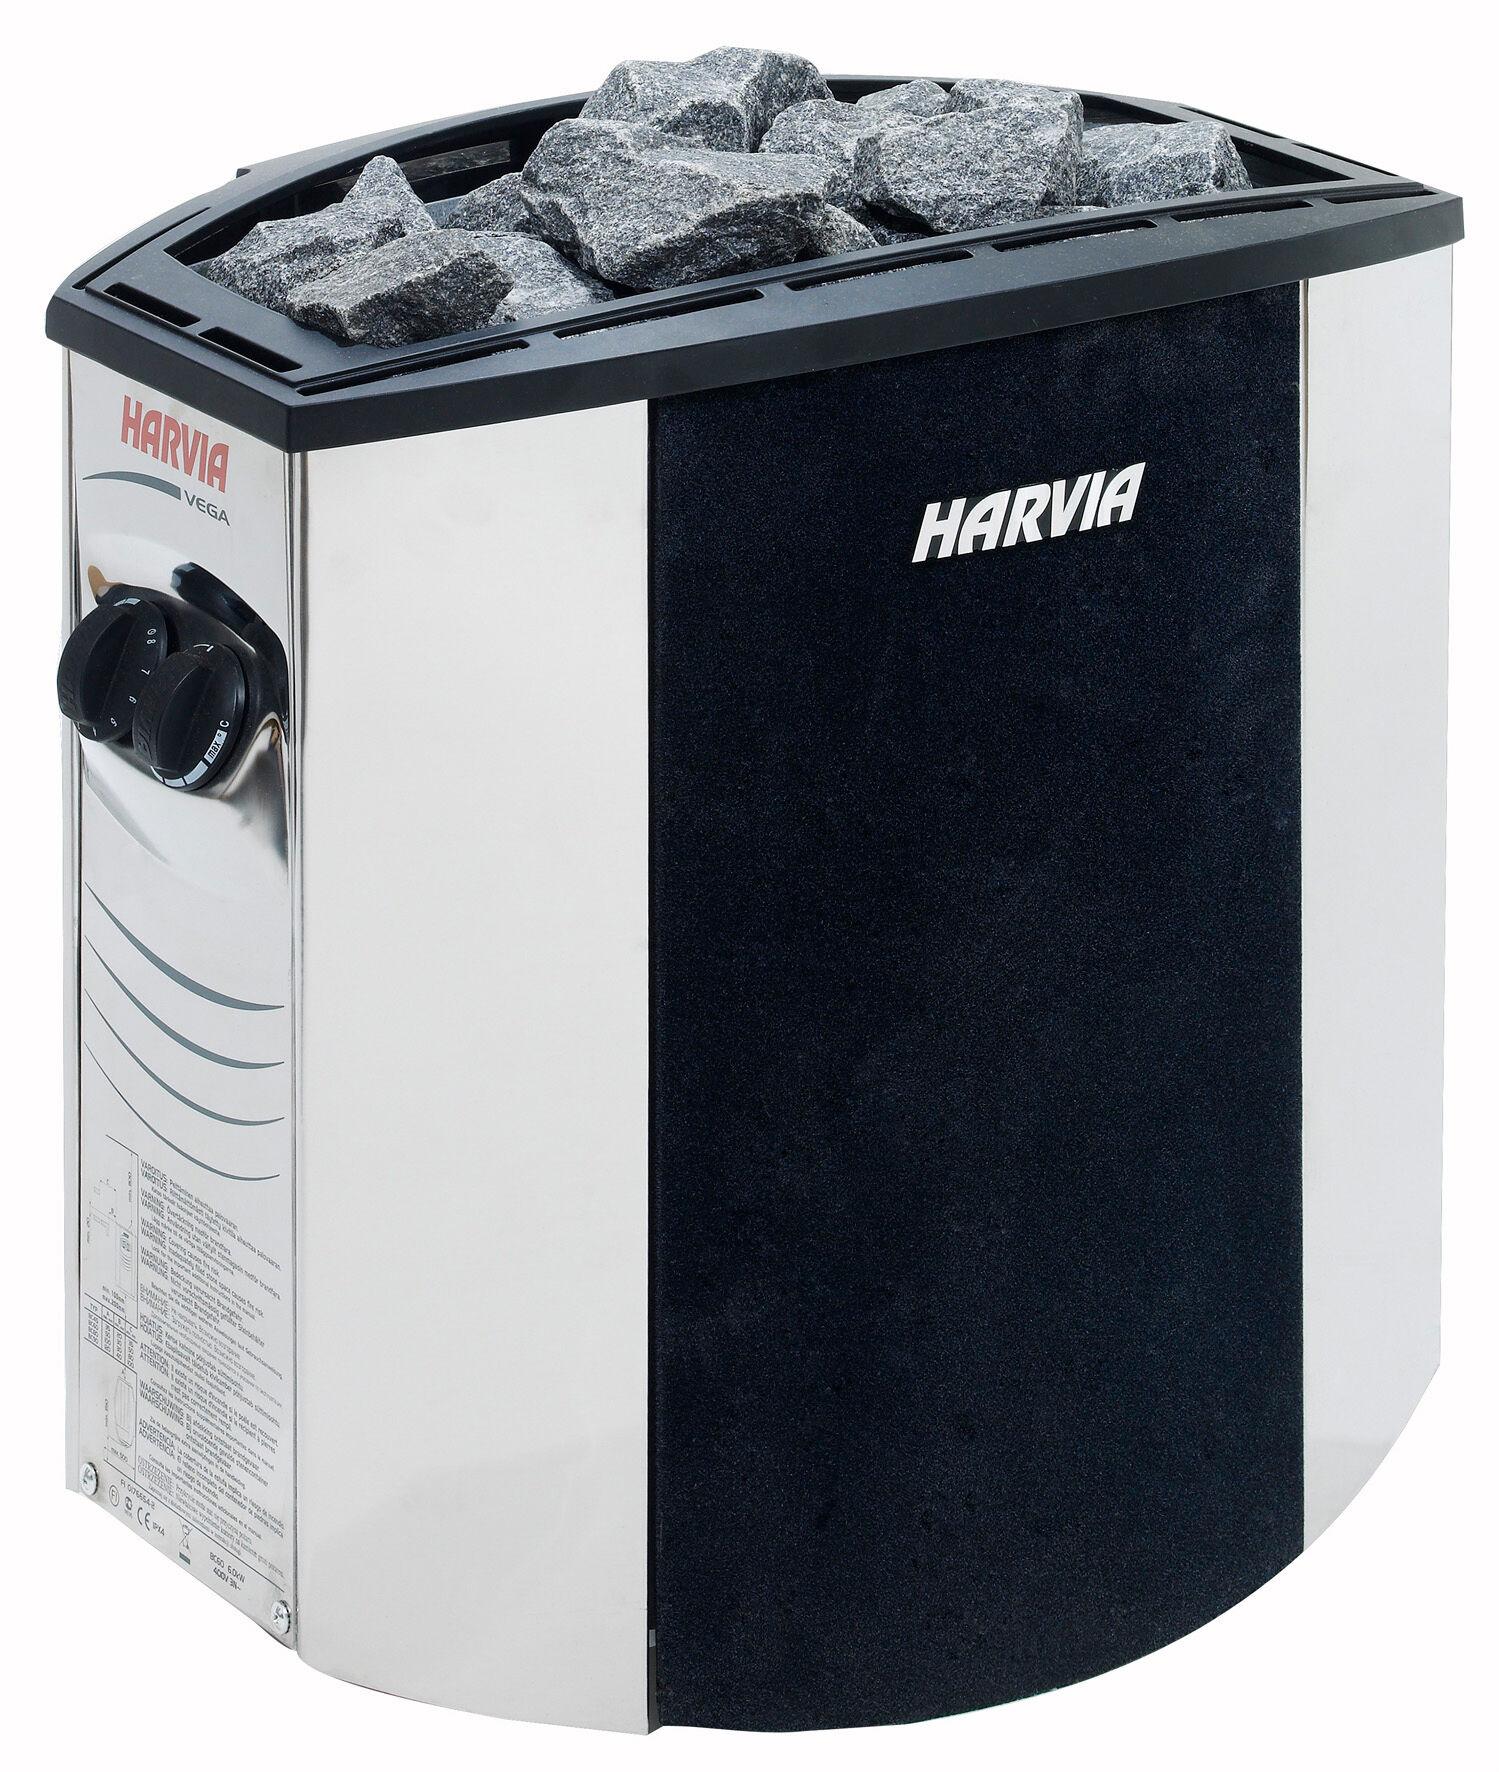 HARVIA Poêle électrique Harvia Vega Lux 8 kW